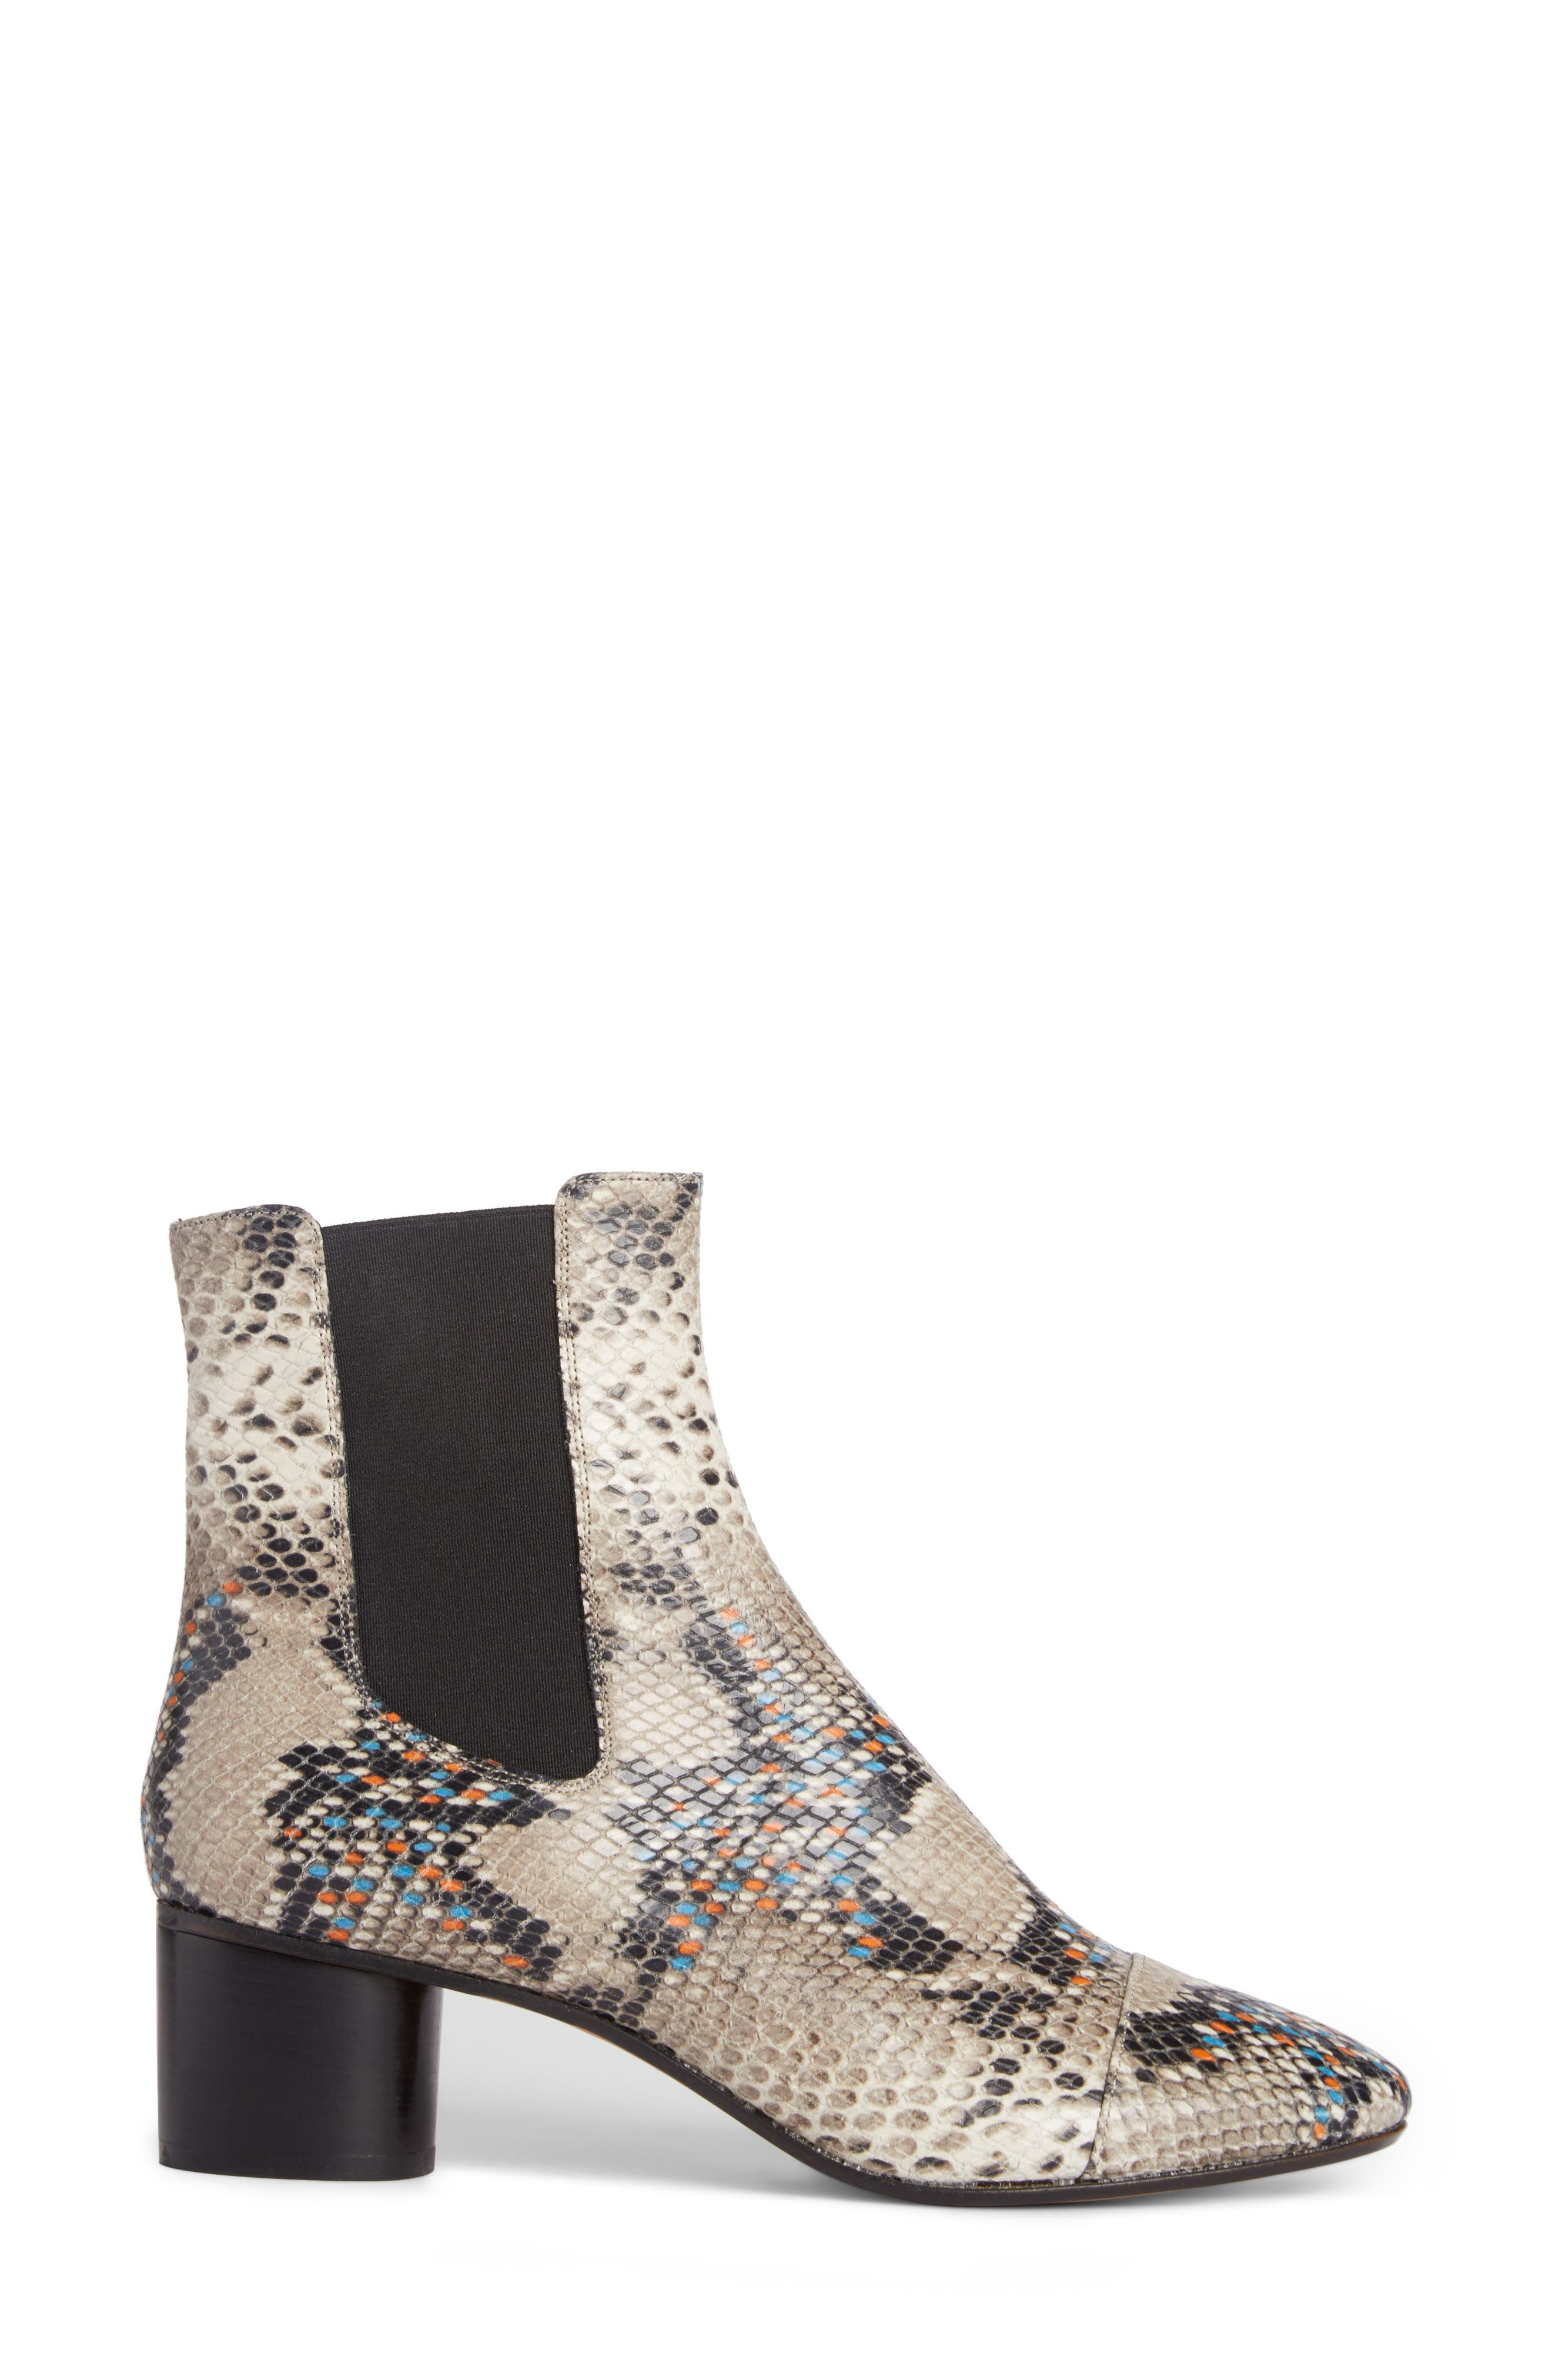 Danelya Snakeskin Embossed Chelsea Boot,                             Alternate thumbnail 4, color,                             Grey